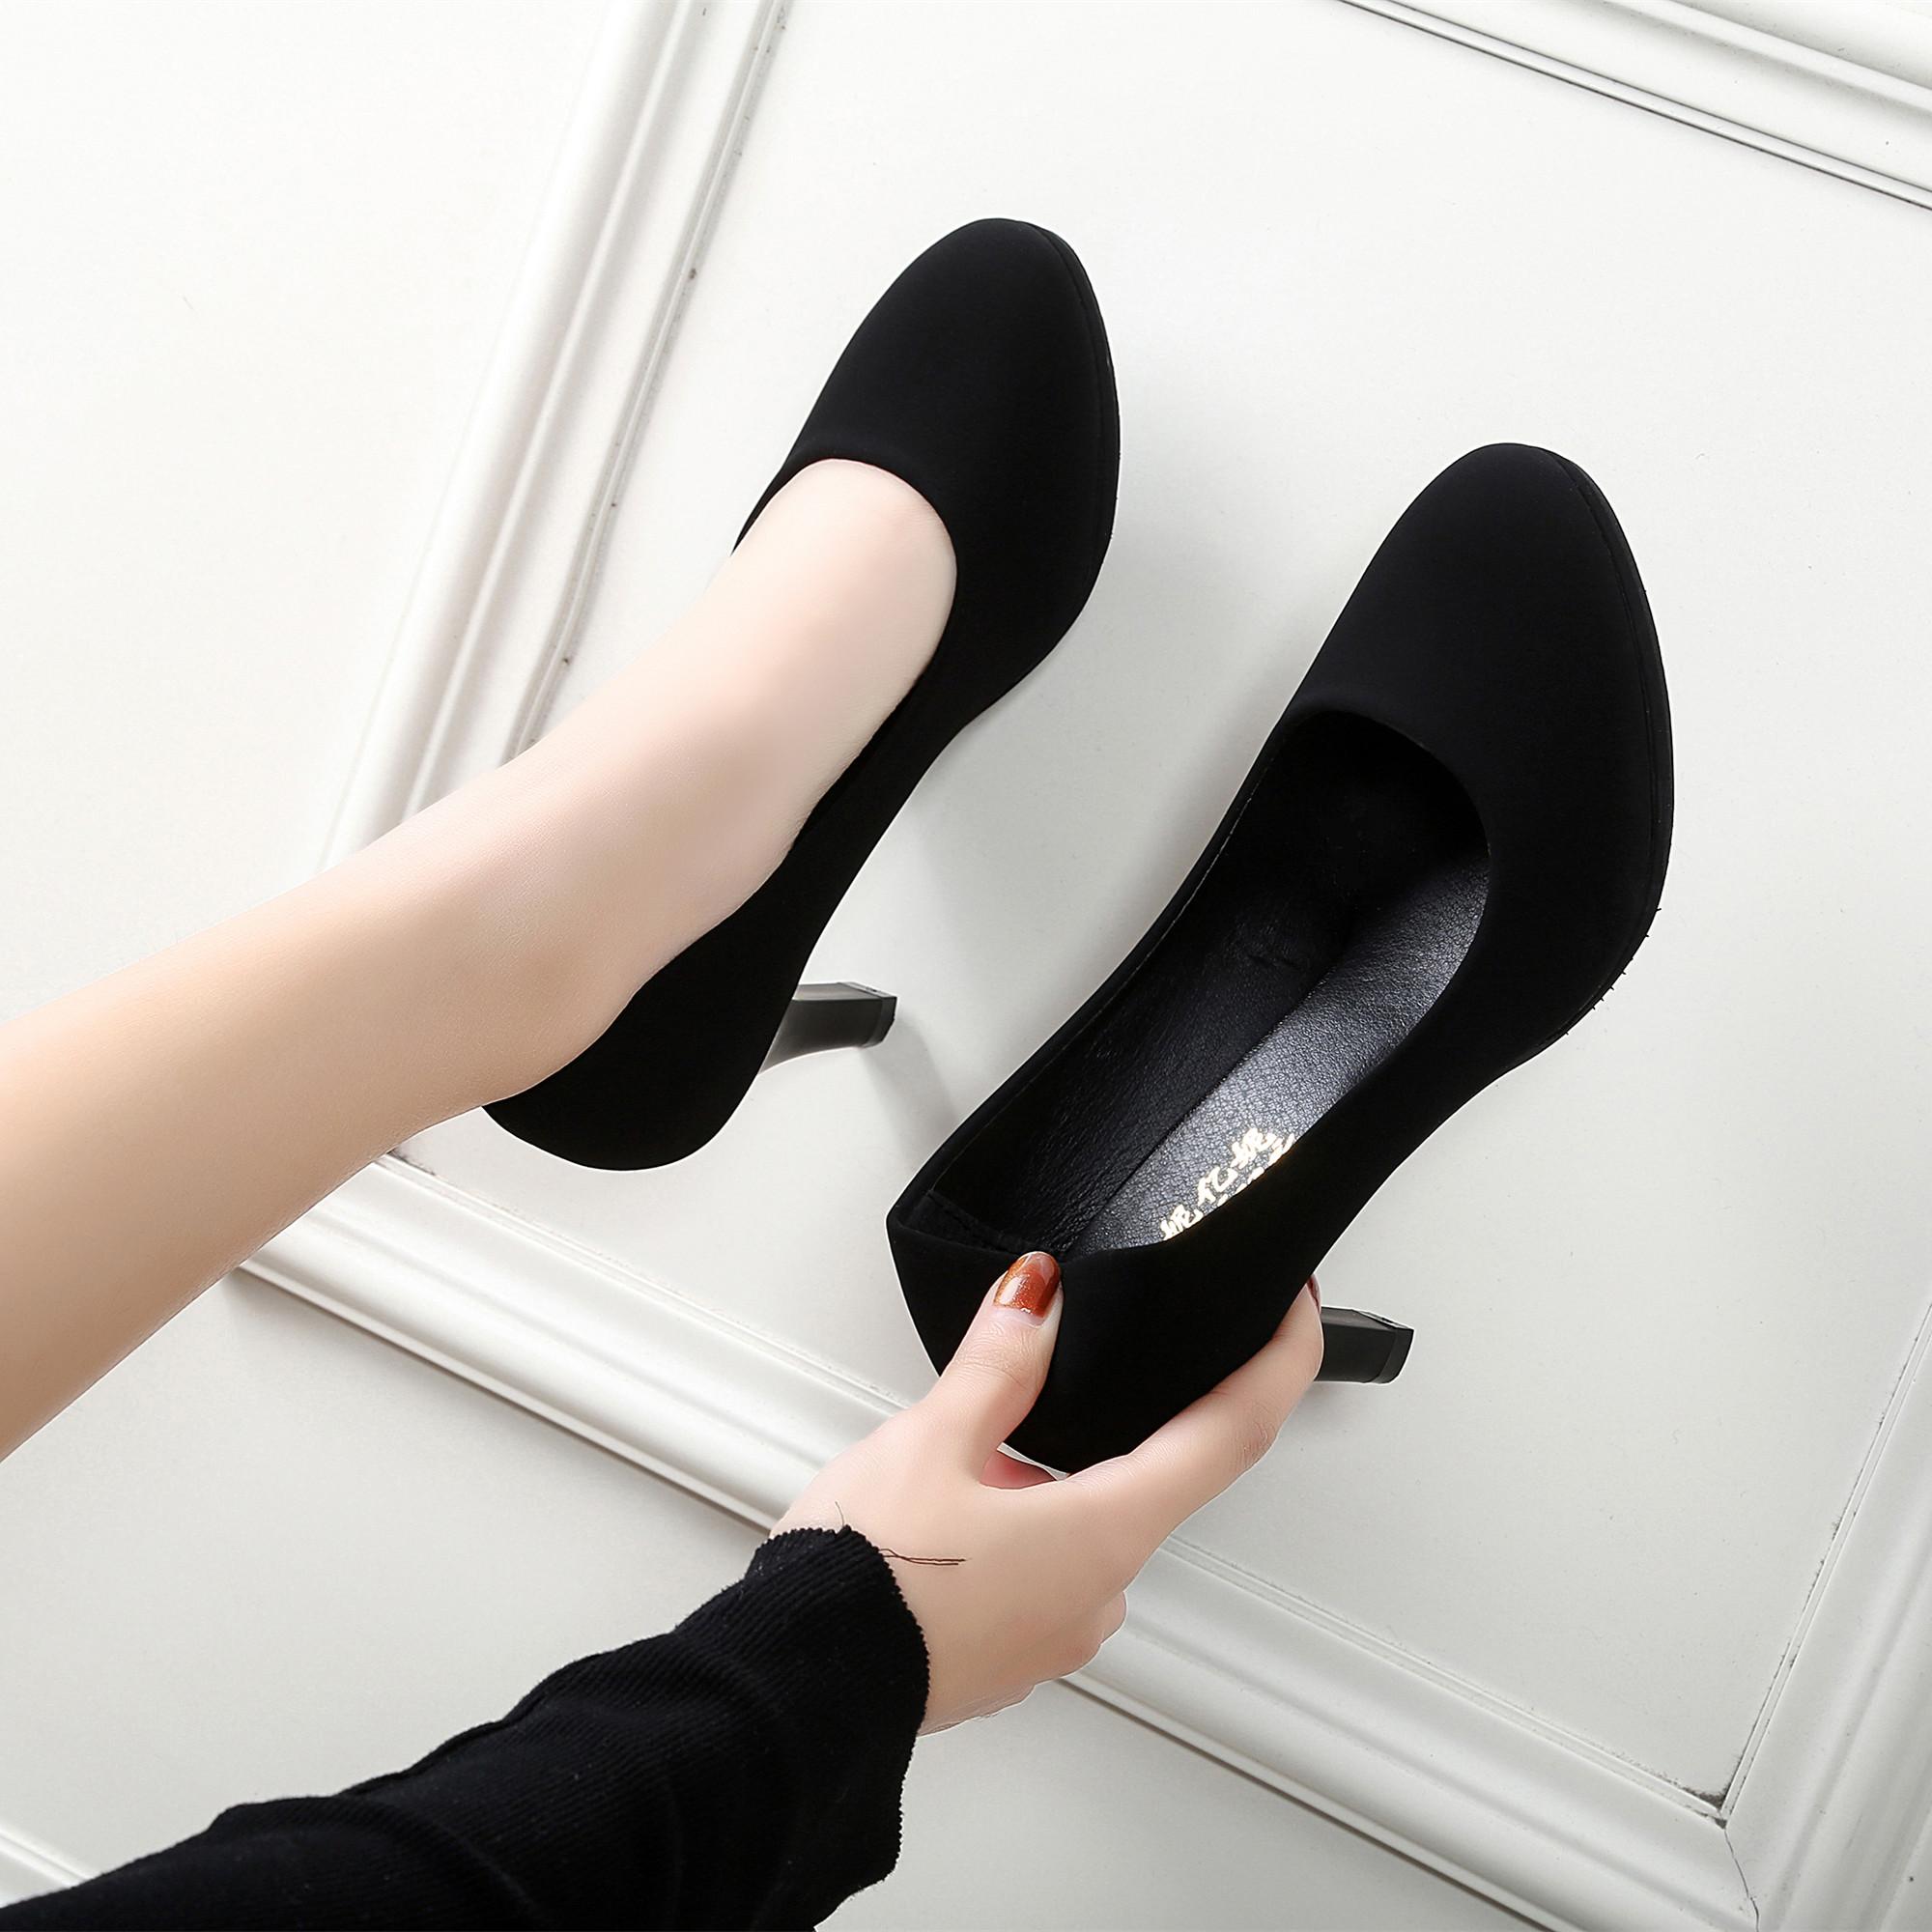 黑色高跟单鞋 舒适学生正装礼仪职业单鞋空姐软绒面高跟鞋中跟黑色面试工作鞋女_推荐淘宝好看的女黑色高跟单鞋